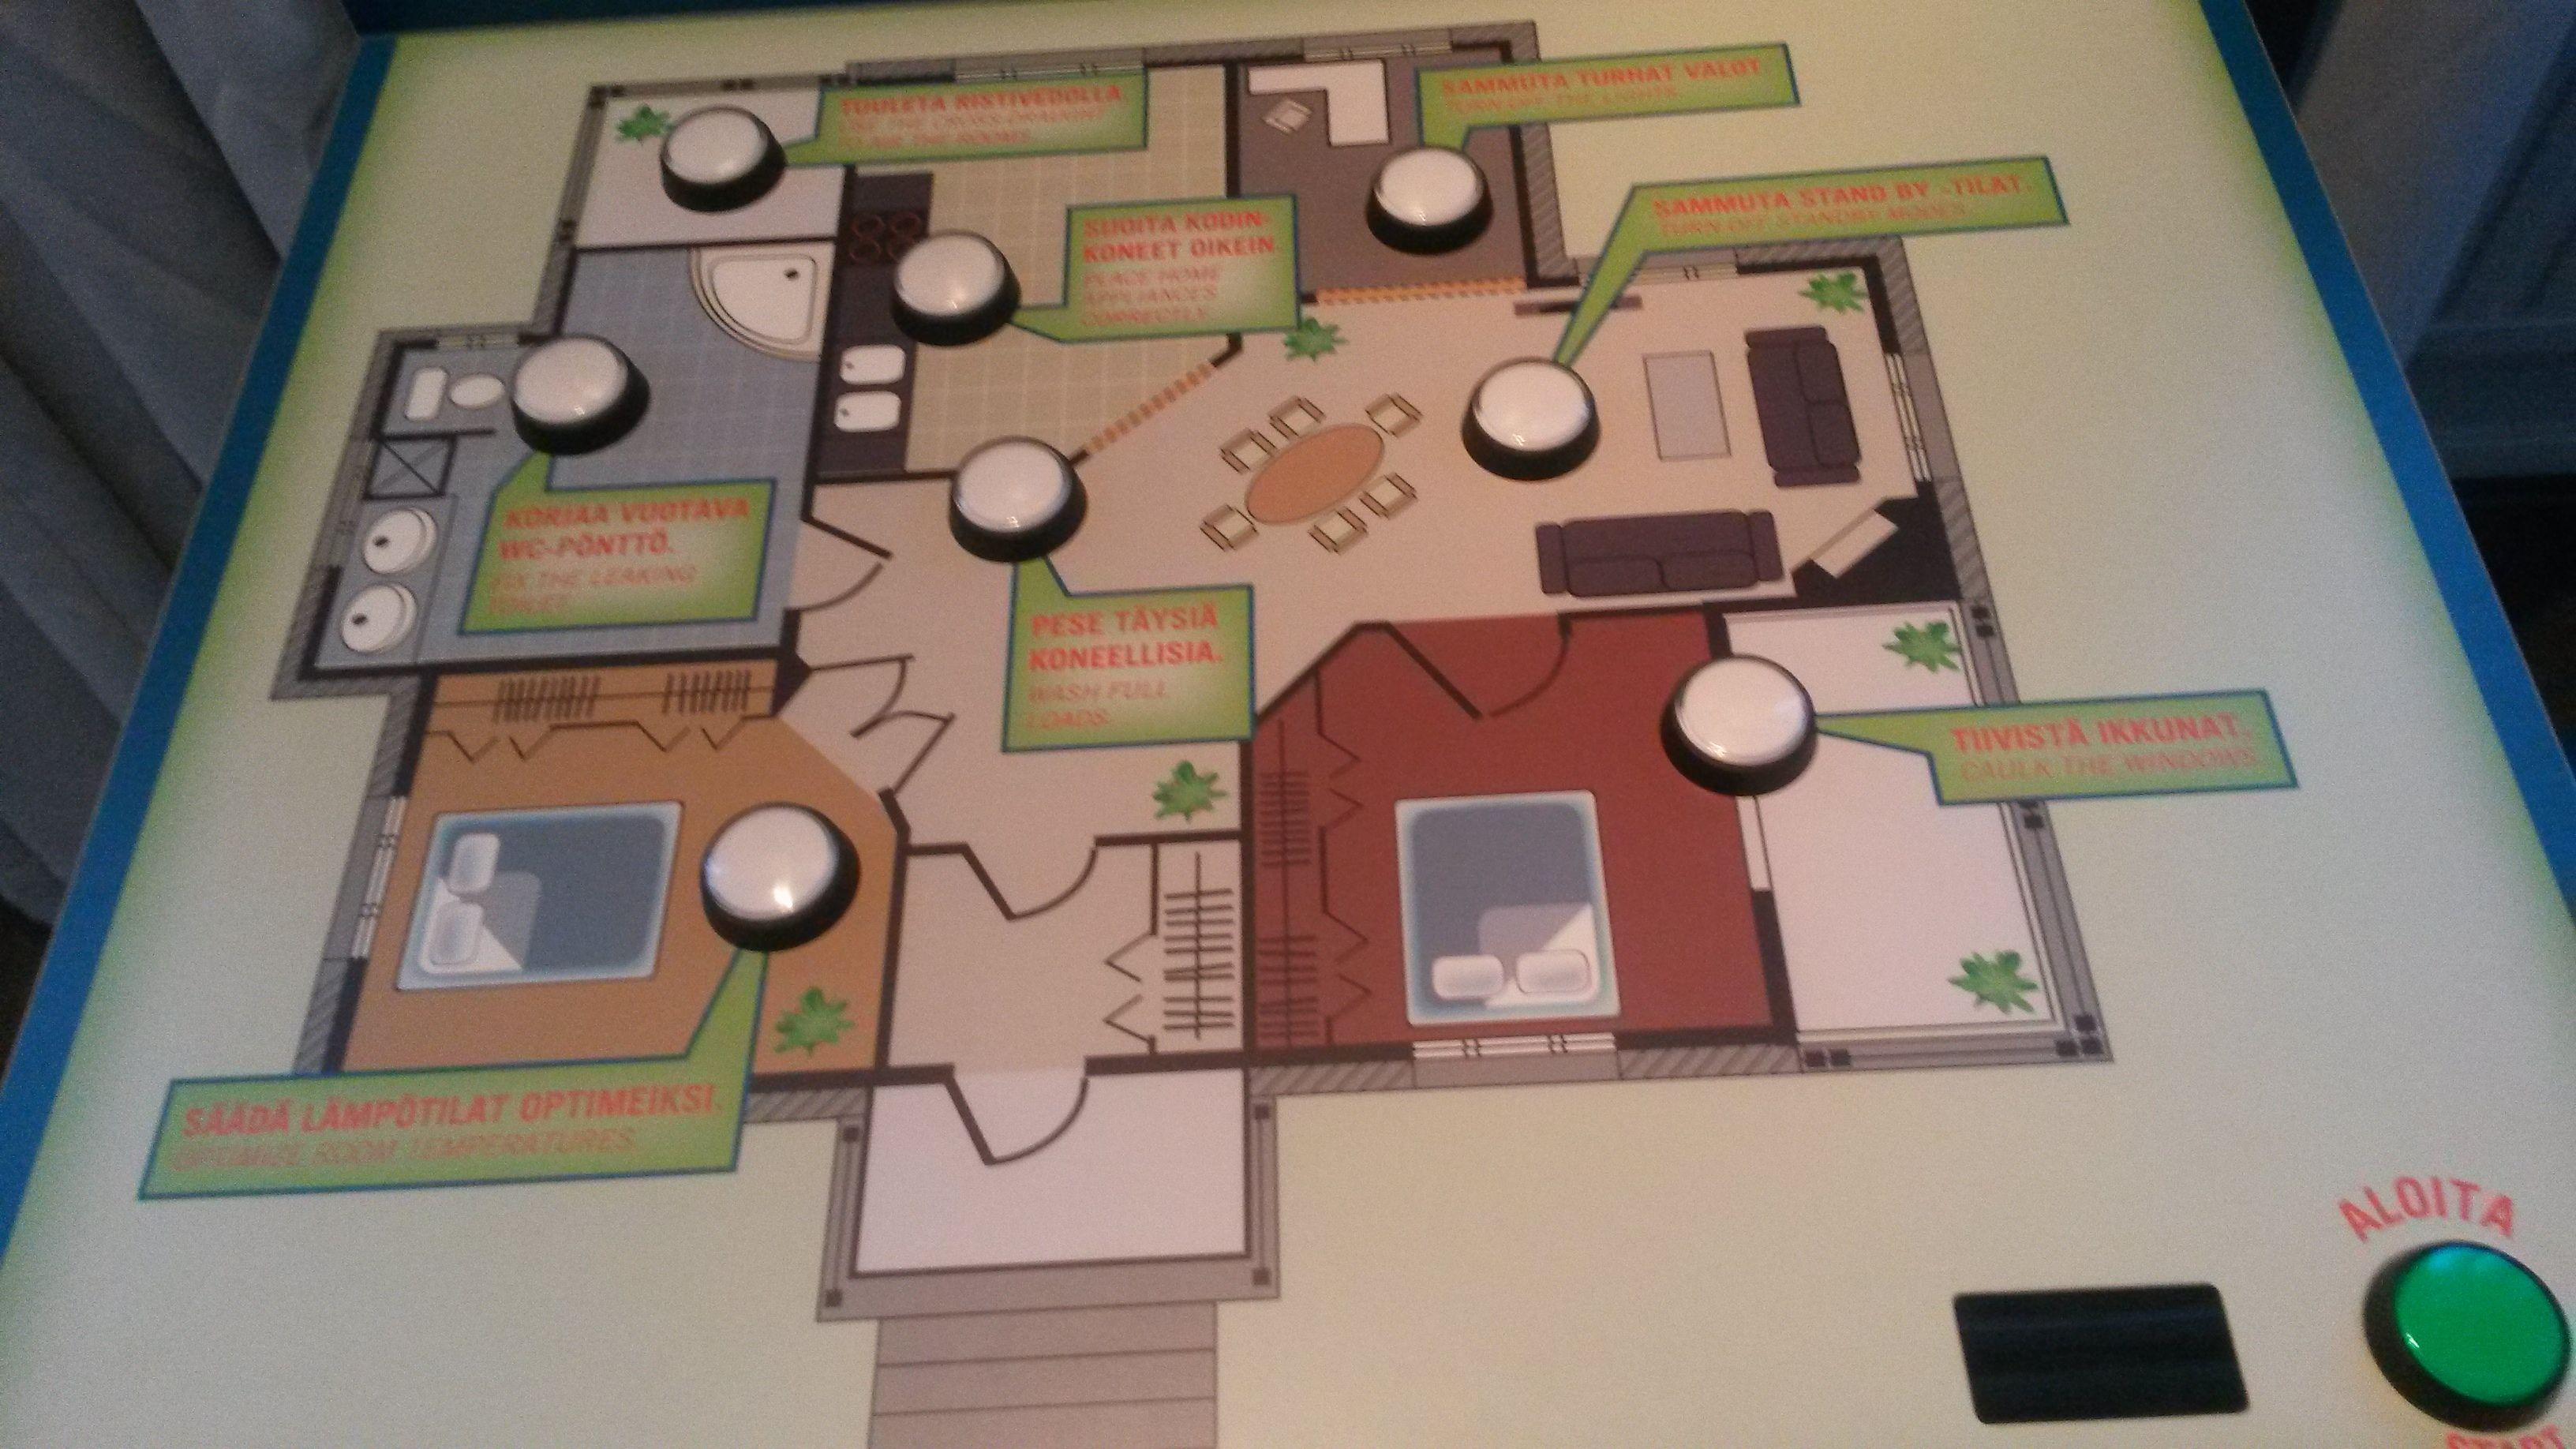 Ympäristönäyttely; sammutellaan niitä sähkölaitteita paitsi tässä pelissä, myös kotona, eiks niin?